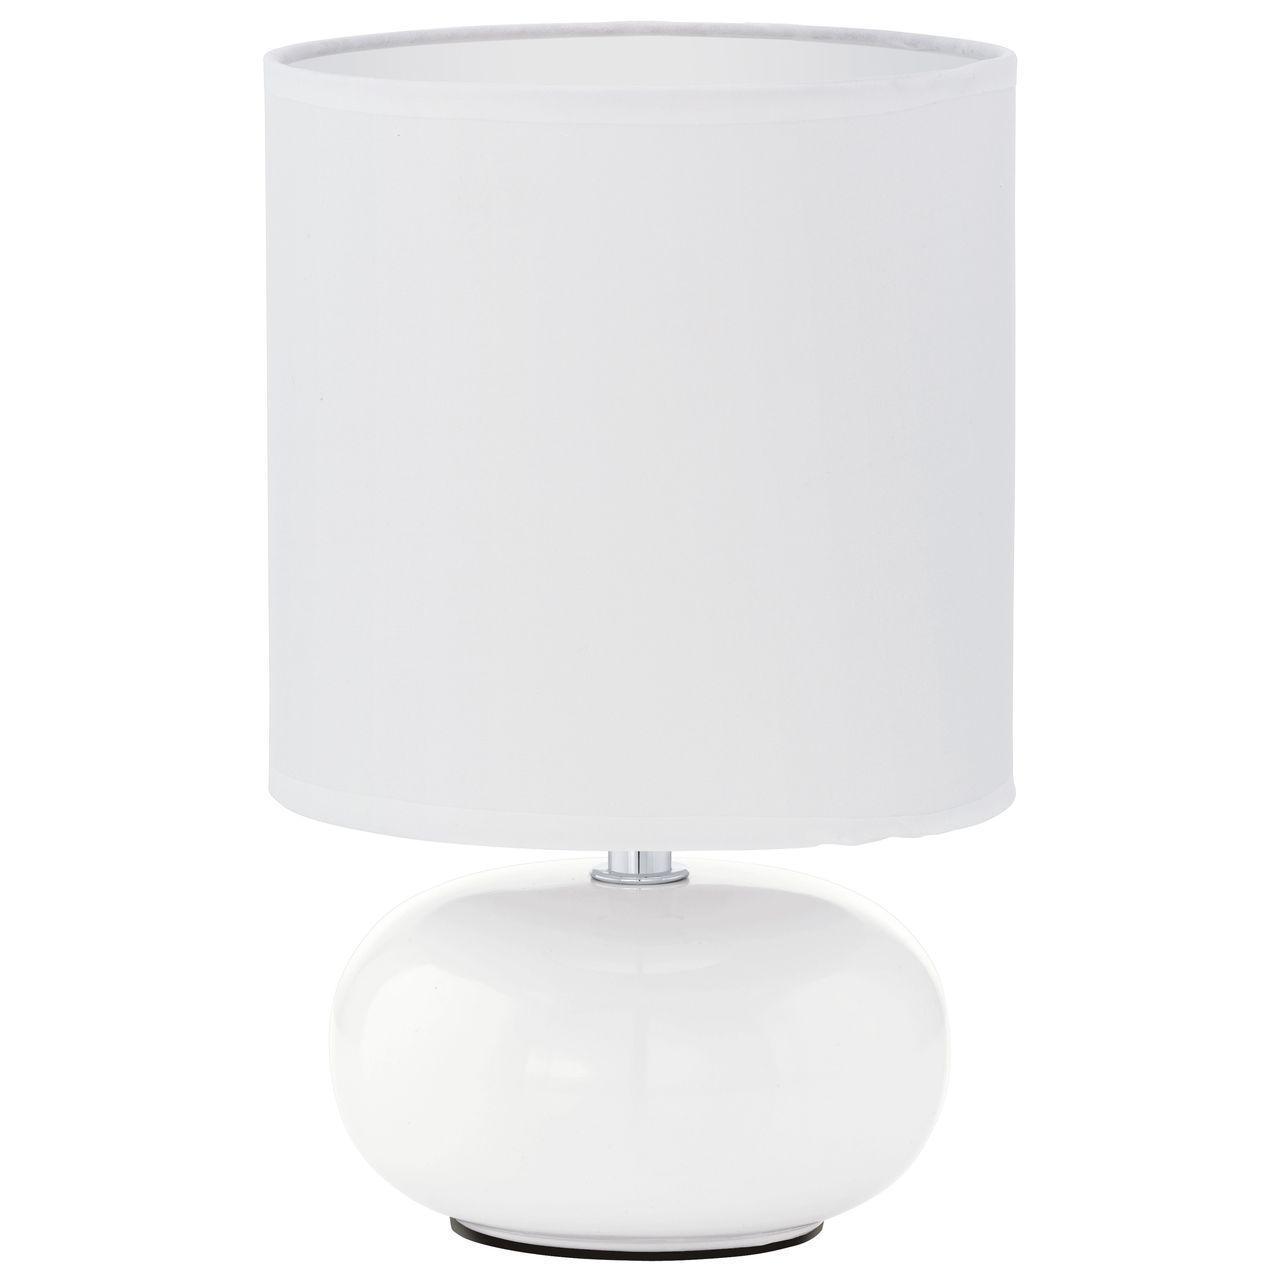 Настольная лампа Eglo Trondio 93046 настольная лампа eglo 93046